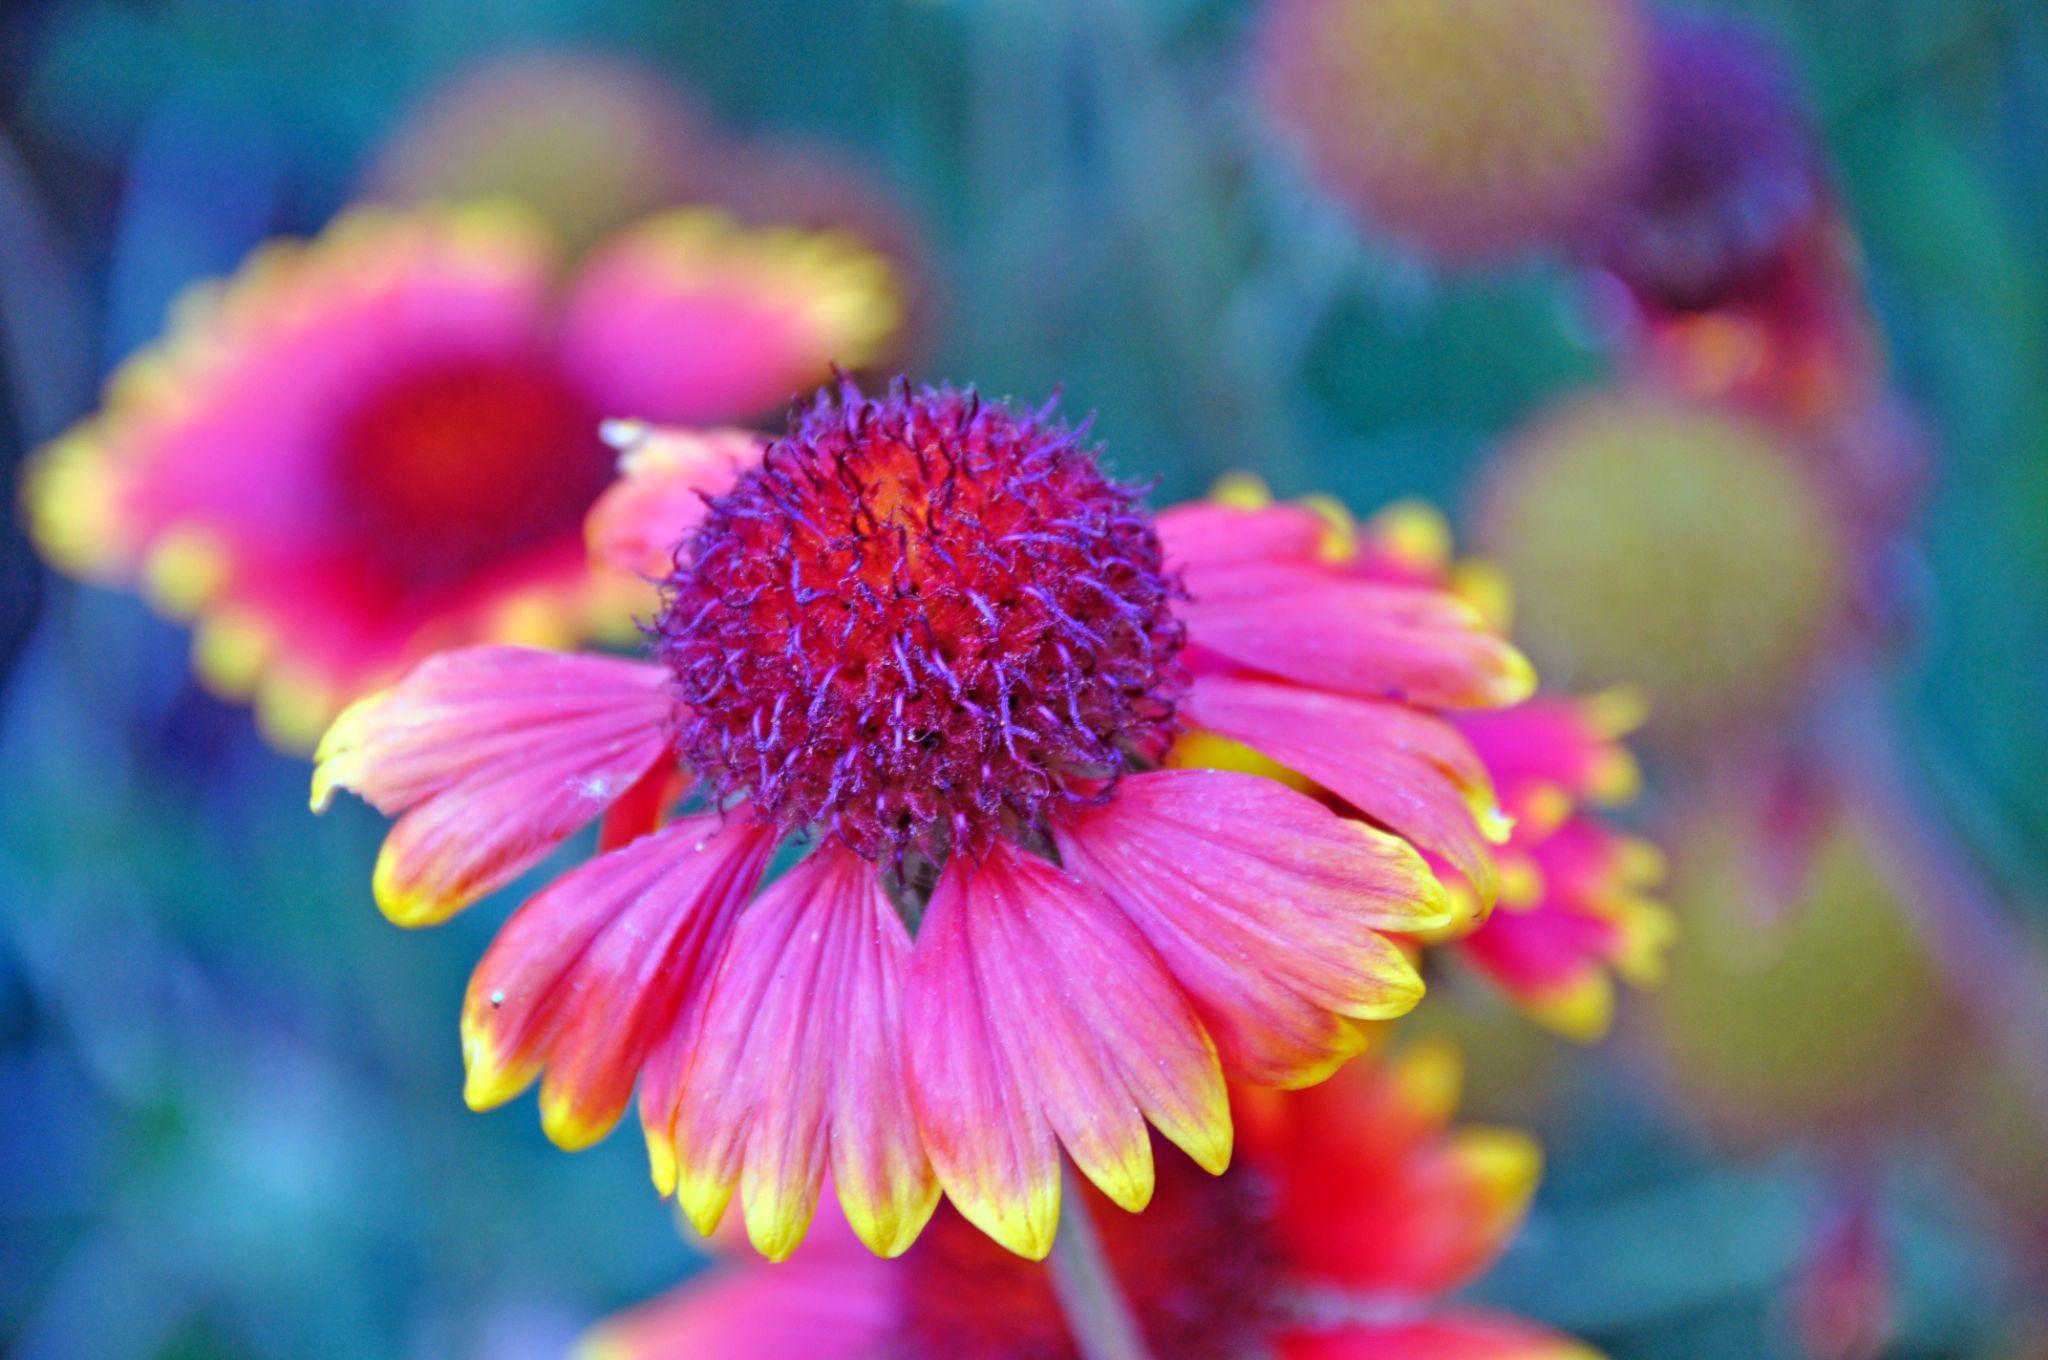 Flores del jardin by msalvadormunoz